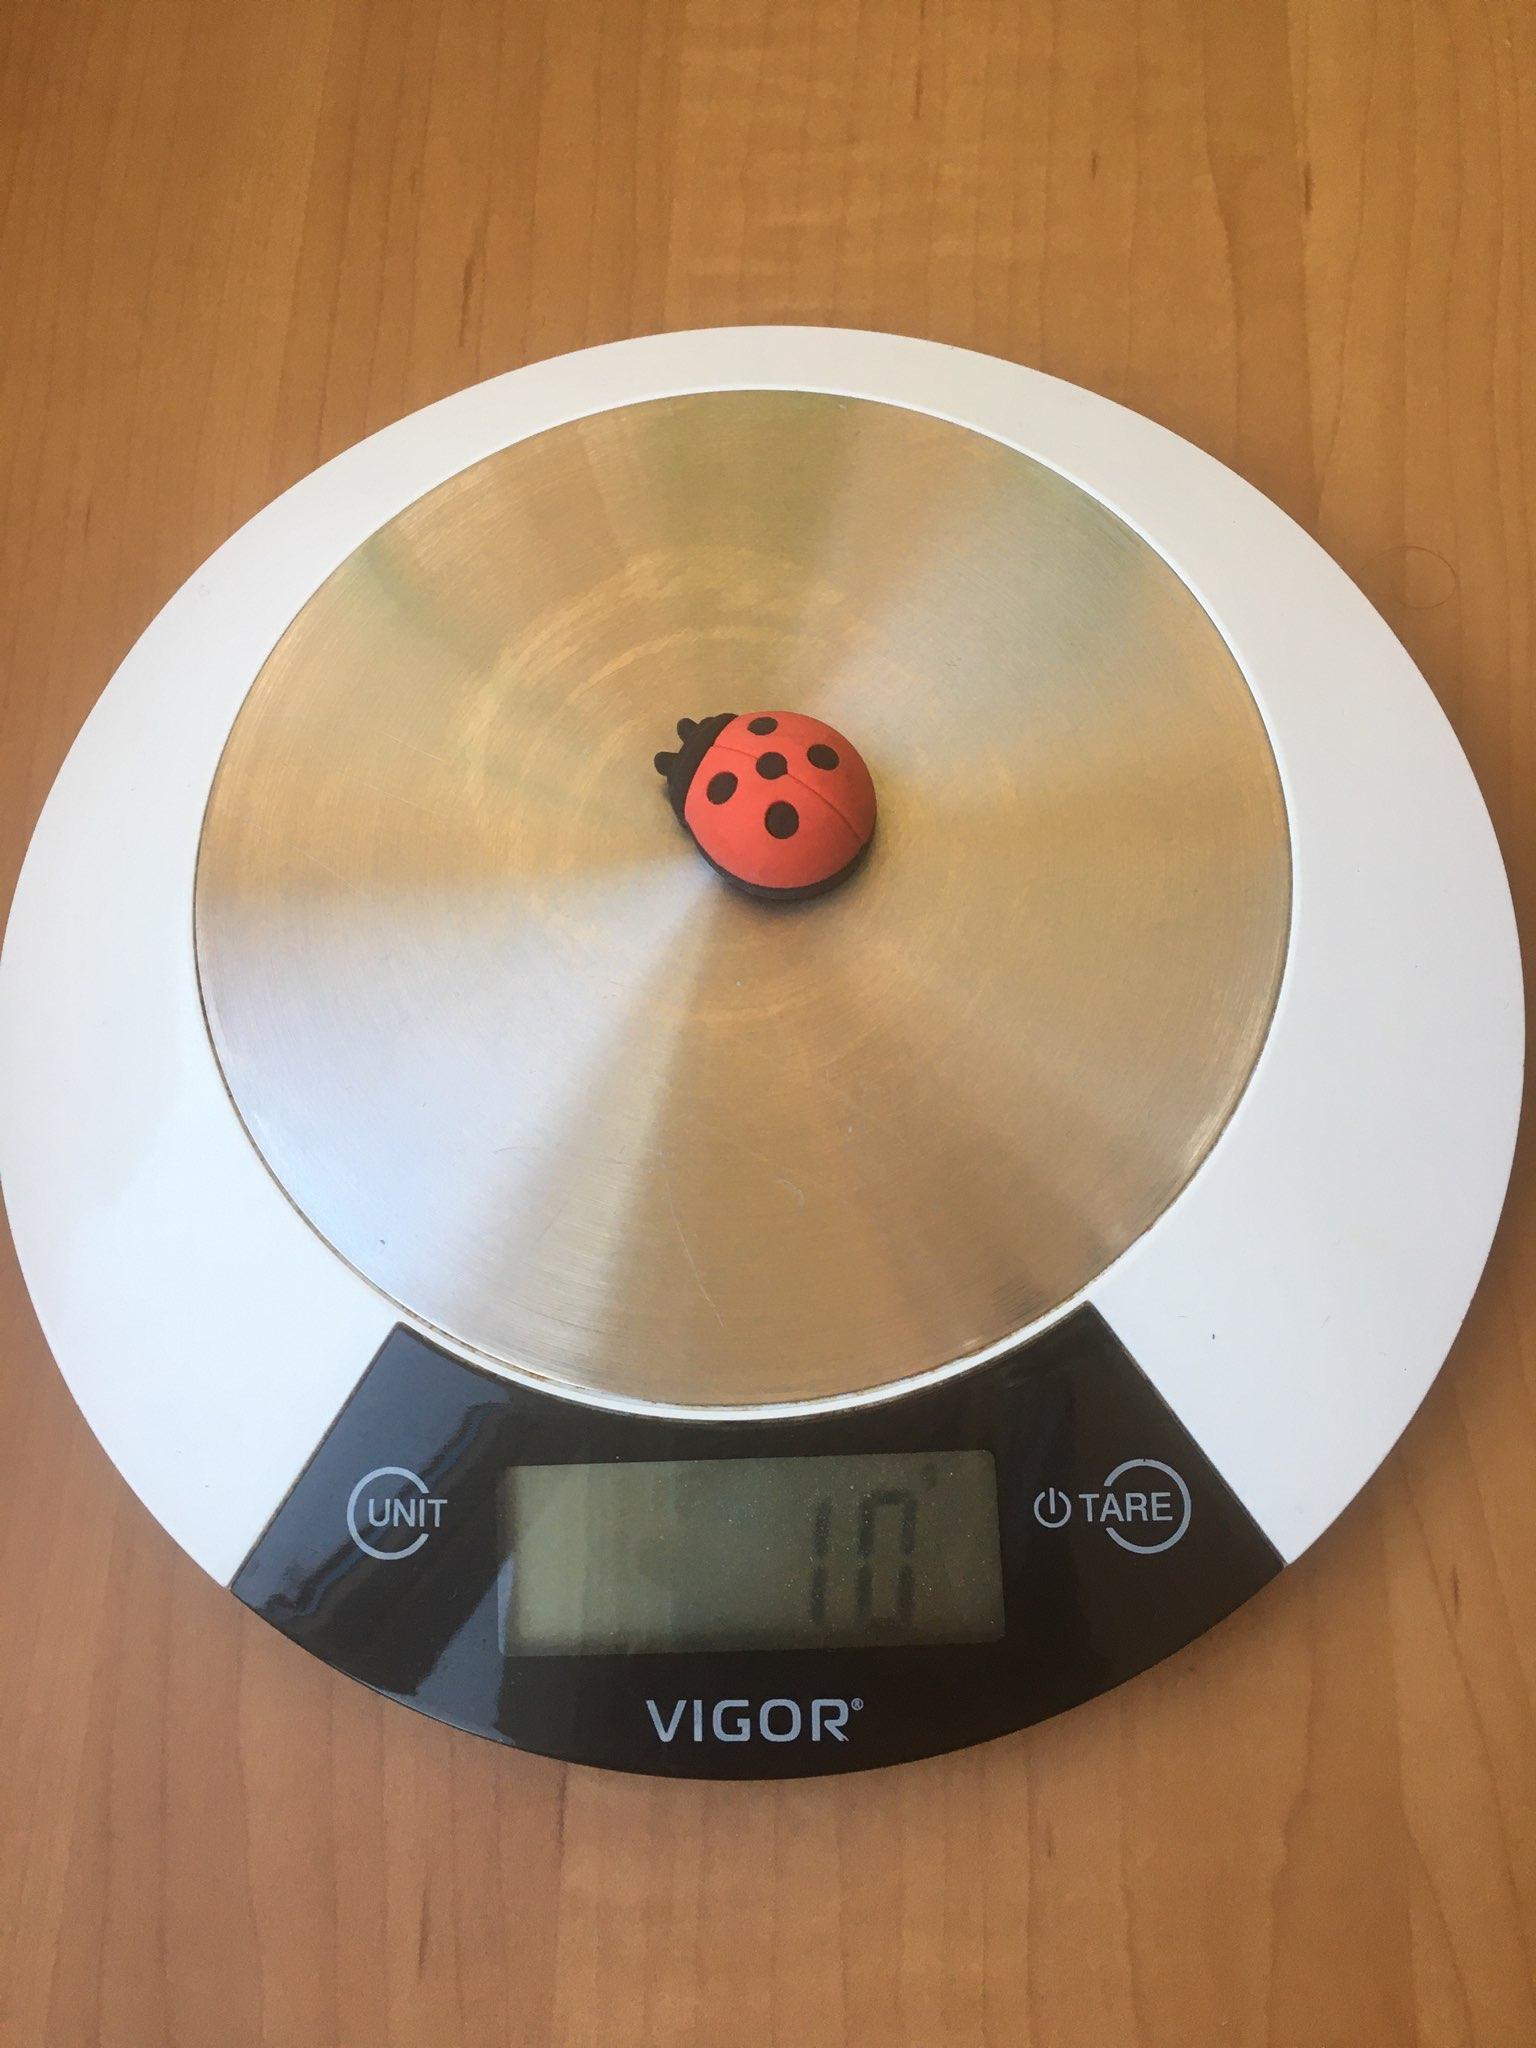 вес стирательной резинки фигурной